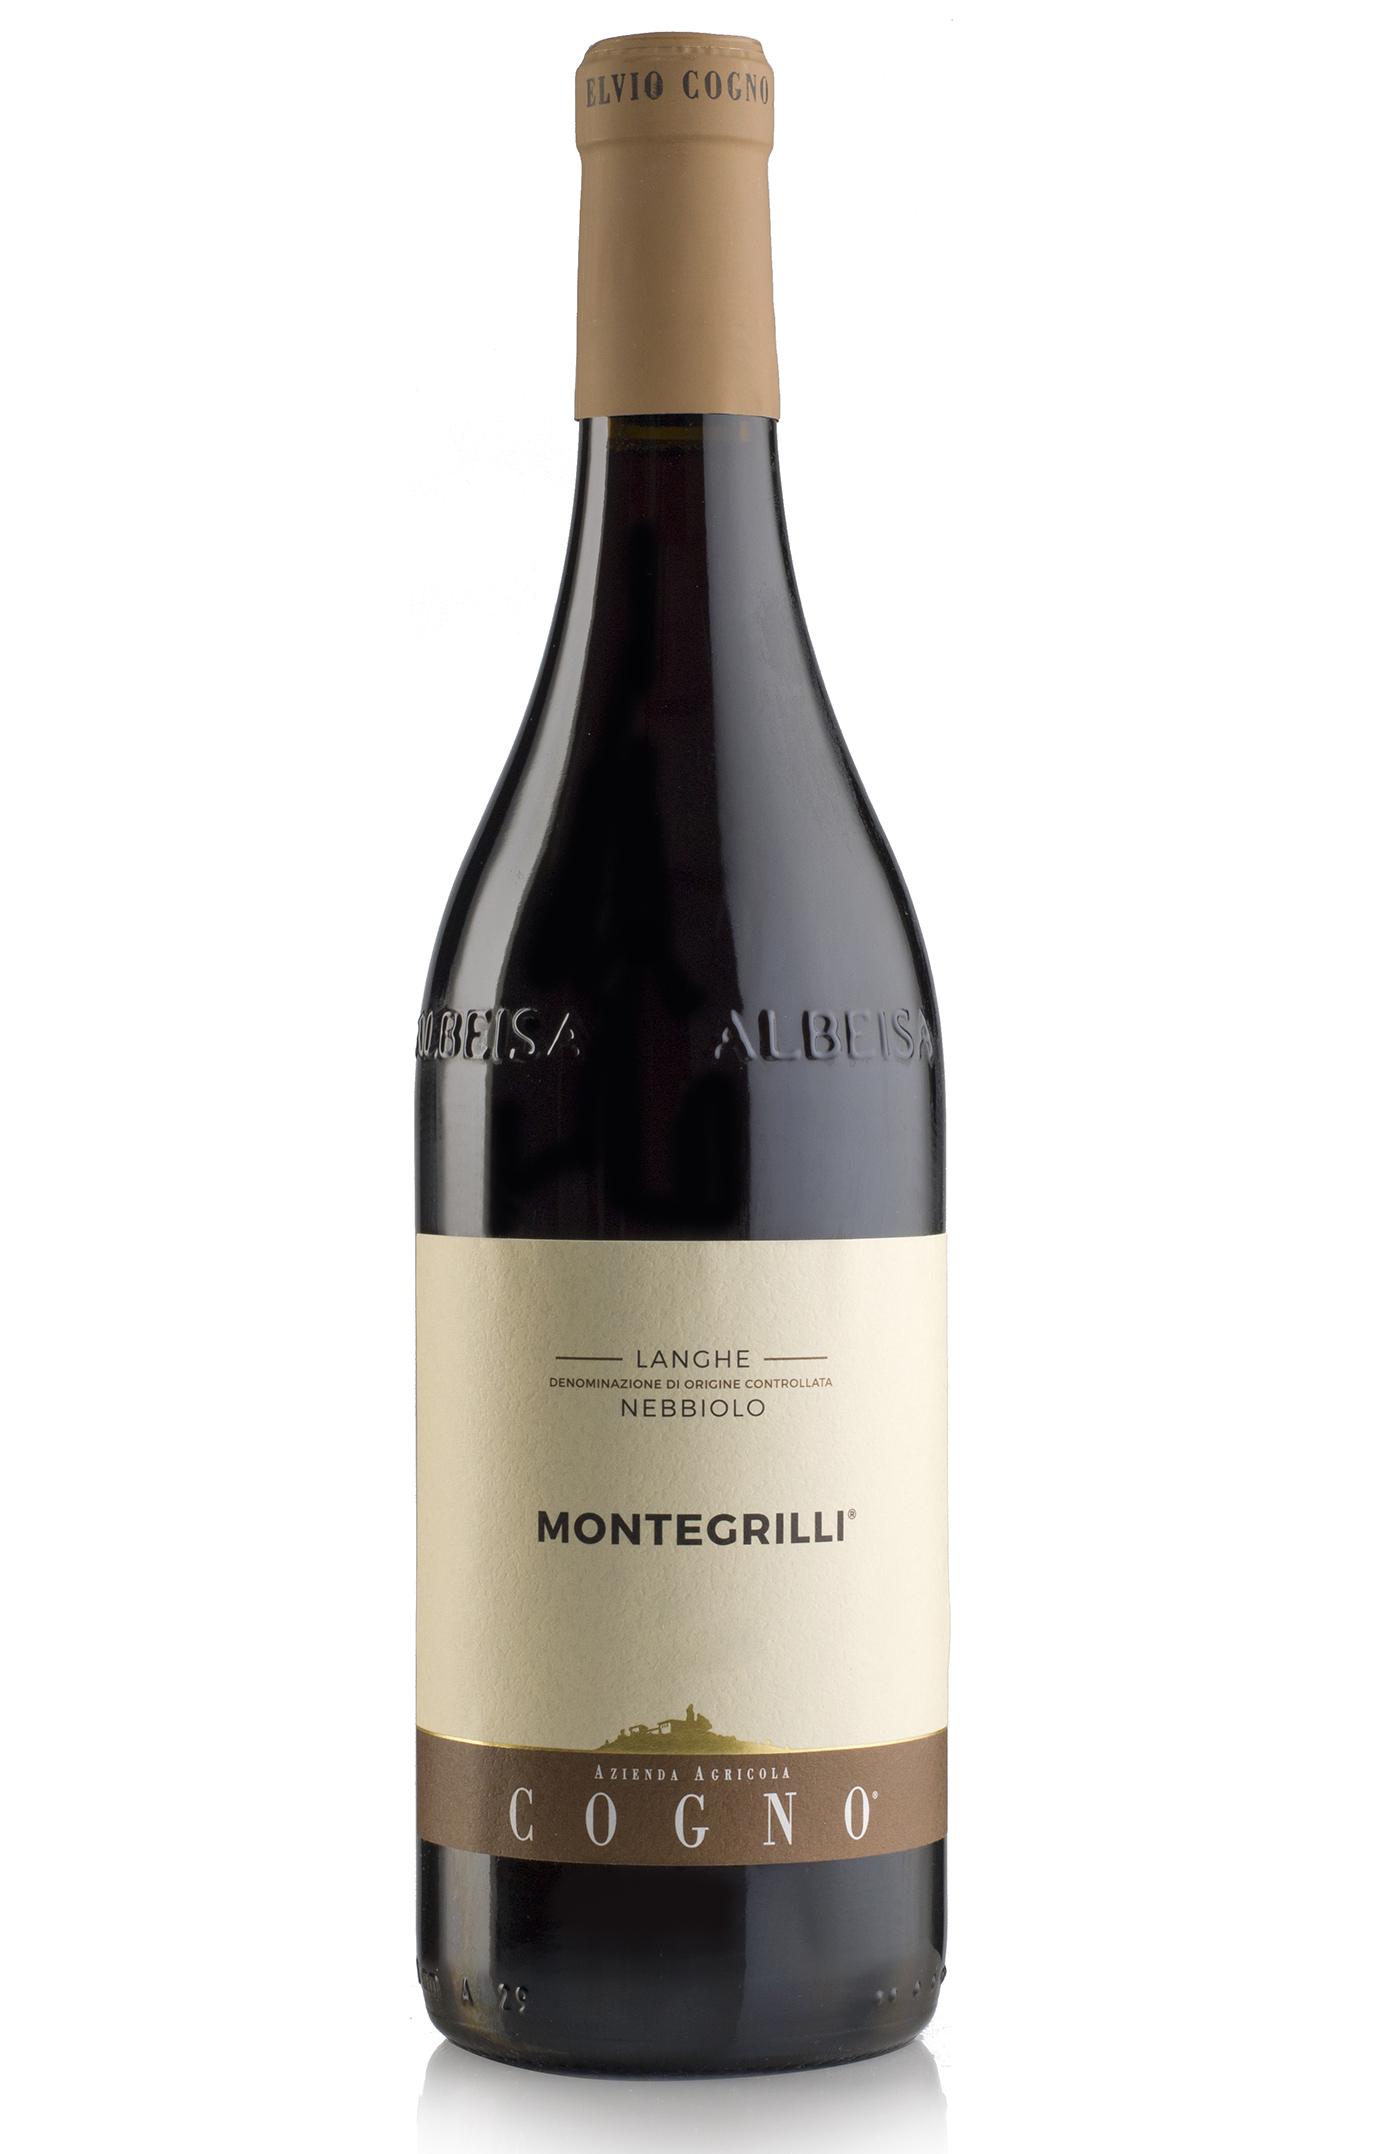 Langhe Nebbiolo 2019 'Montegrilli'